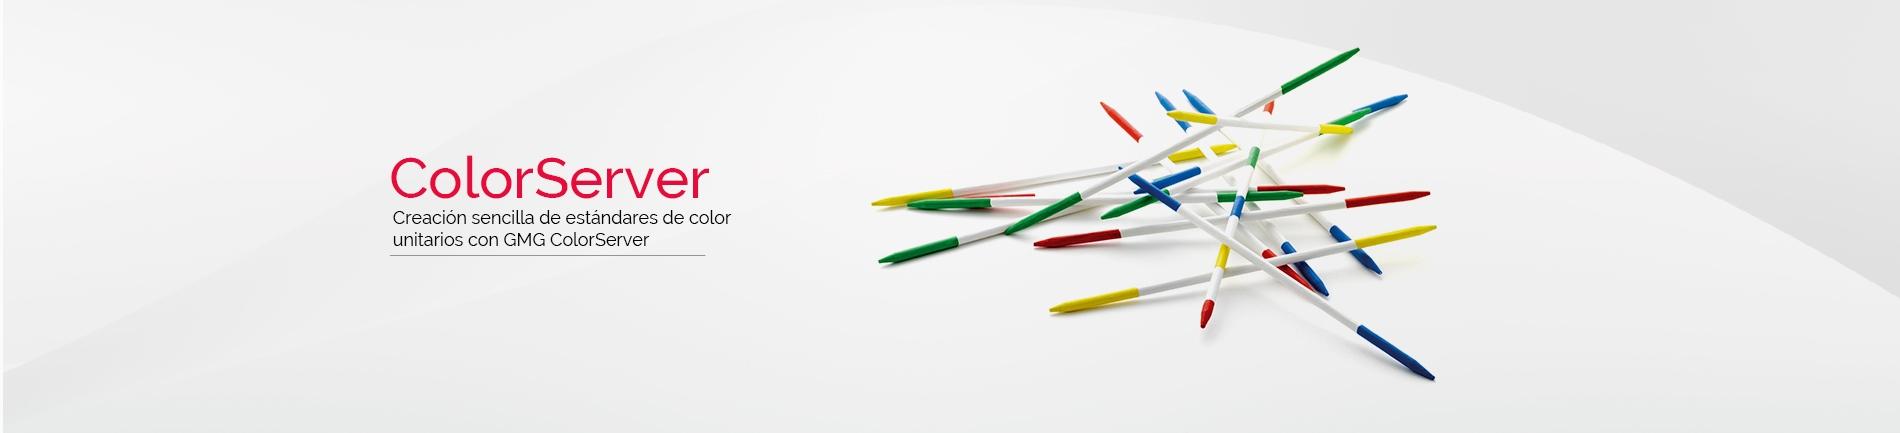 Creación sencilla de estándares de color unitarios con GMG ColorServer